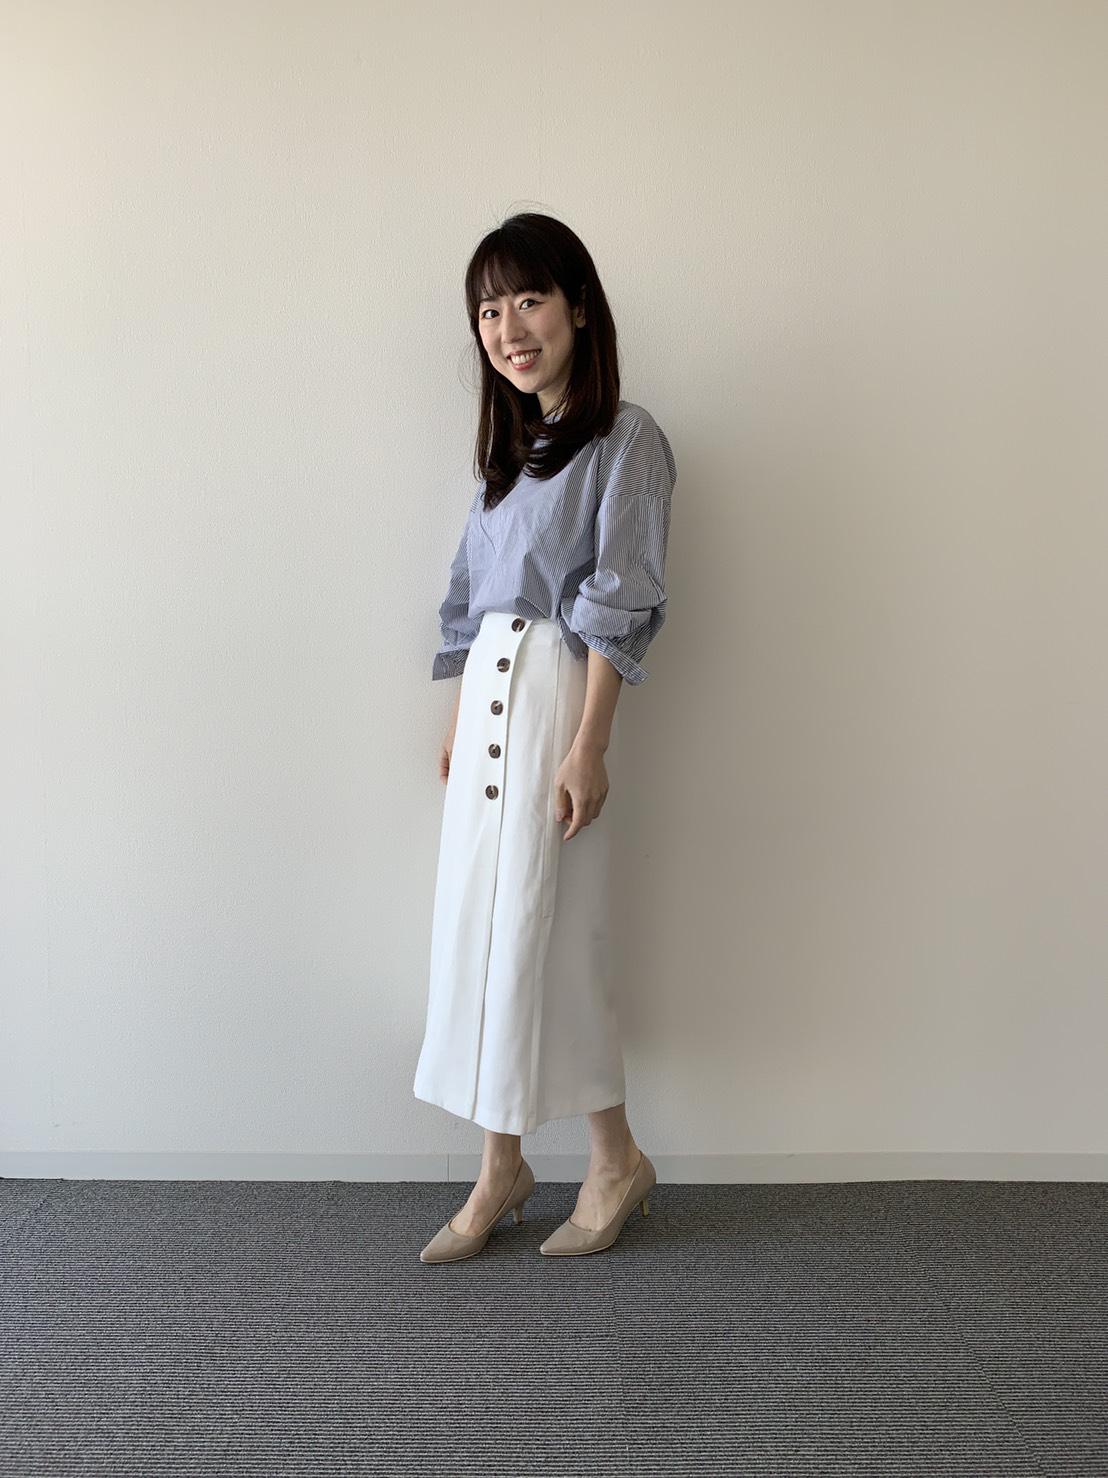 買ってよかった【GUアイテム】~5日間着回しスカート